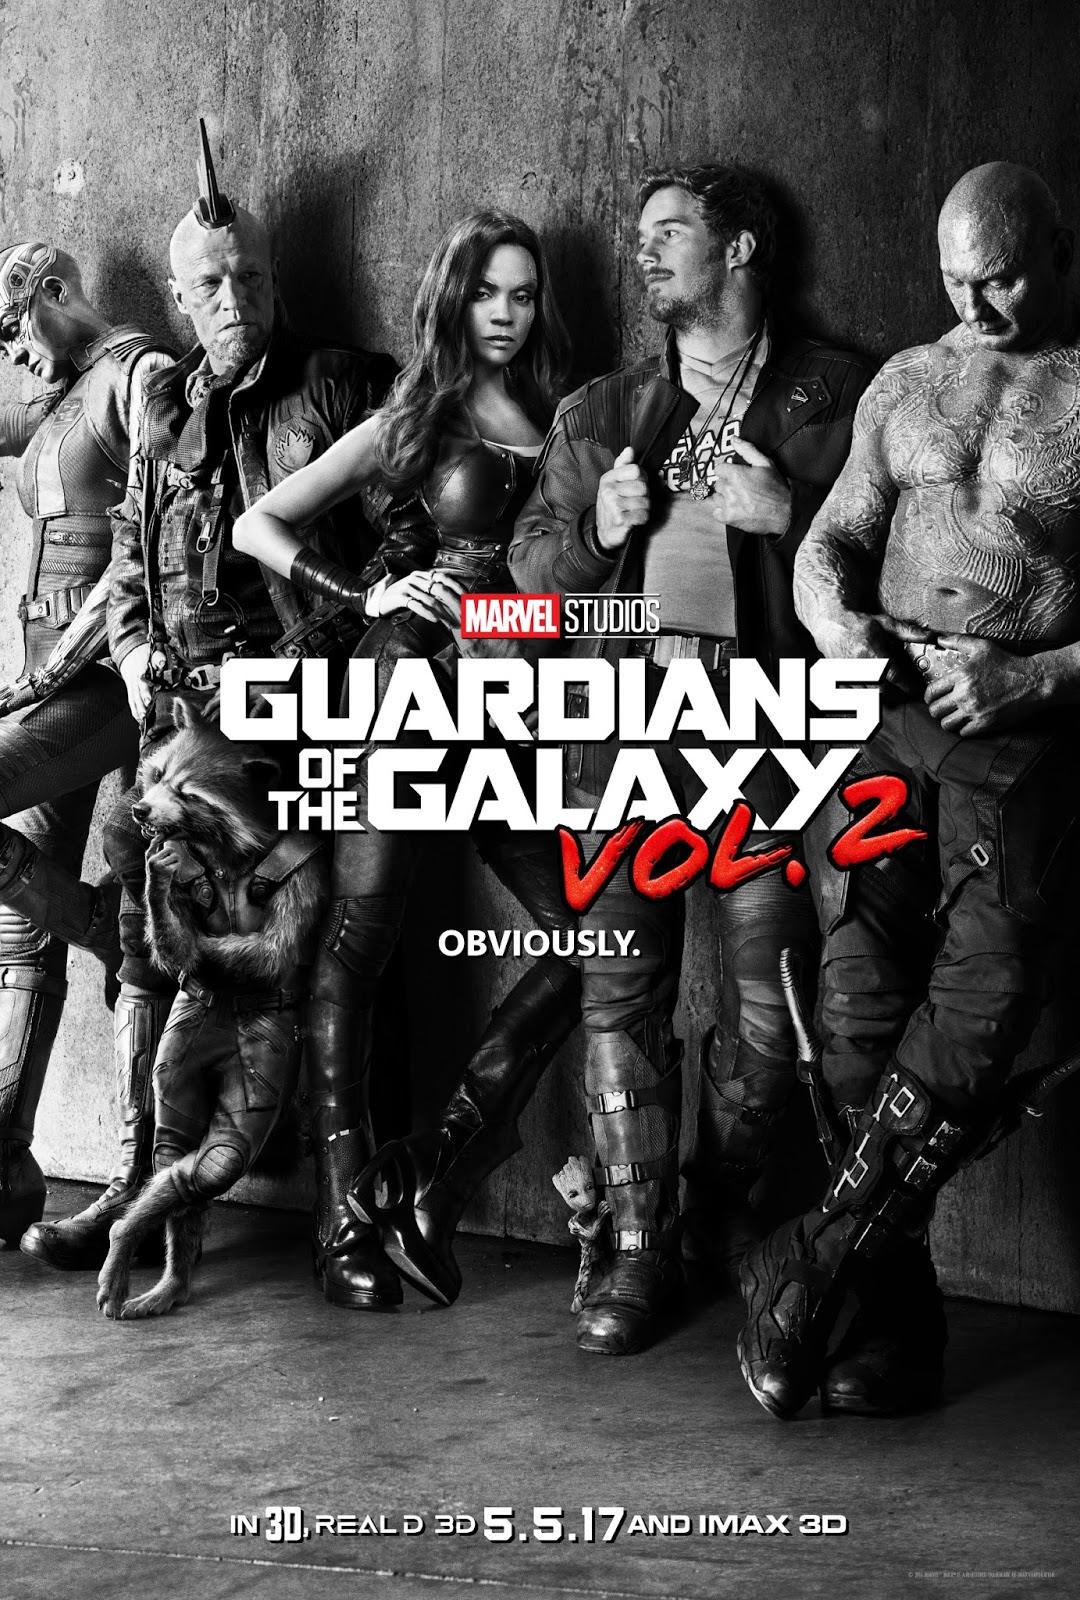 ตัวอย่างหนังใหม่ : Guardians of the Galaxy vol.2 (รวมพันธุ์นักสู้พิทักษ์จักรวาล 2) ซับไทย  poster1